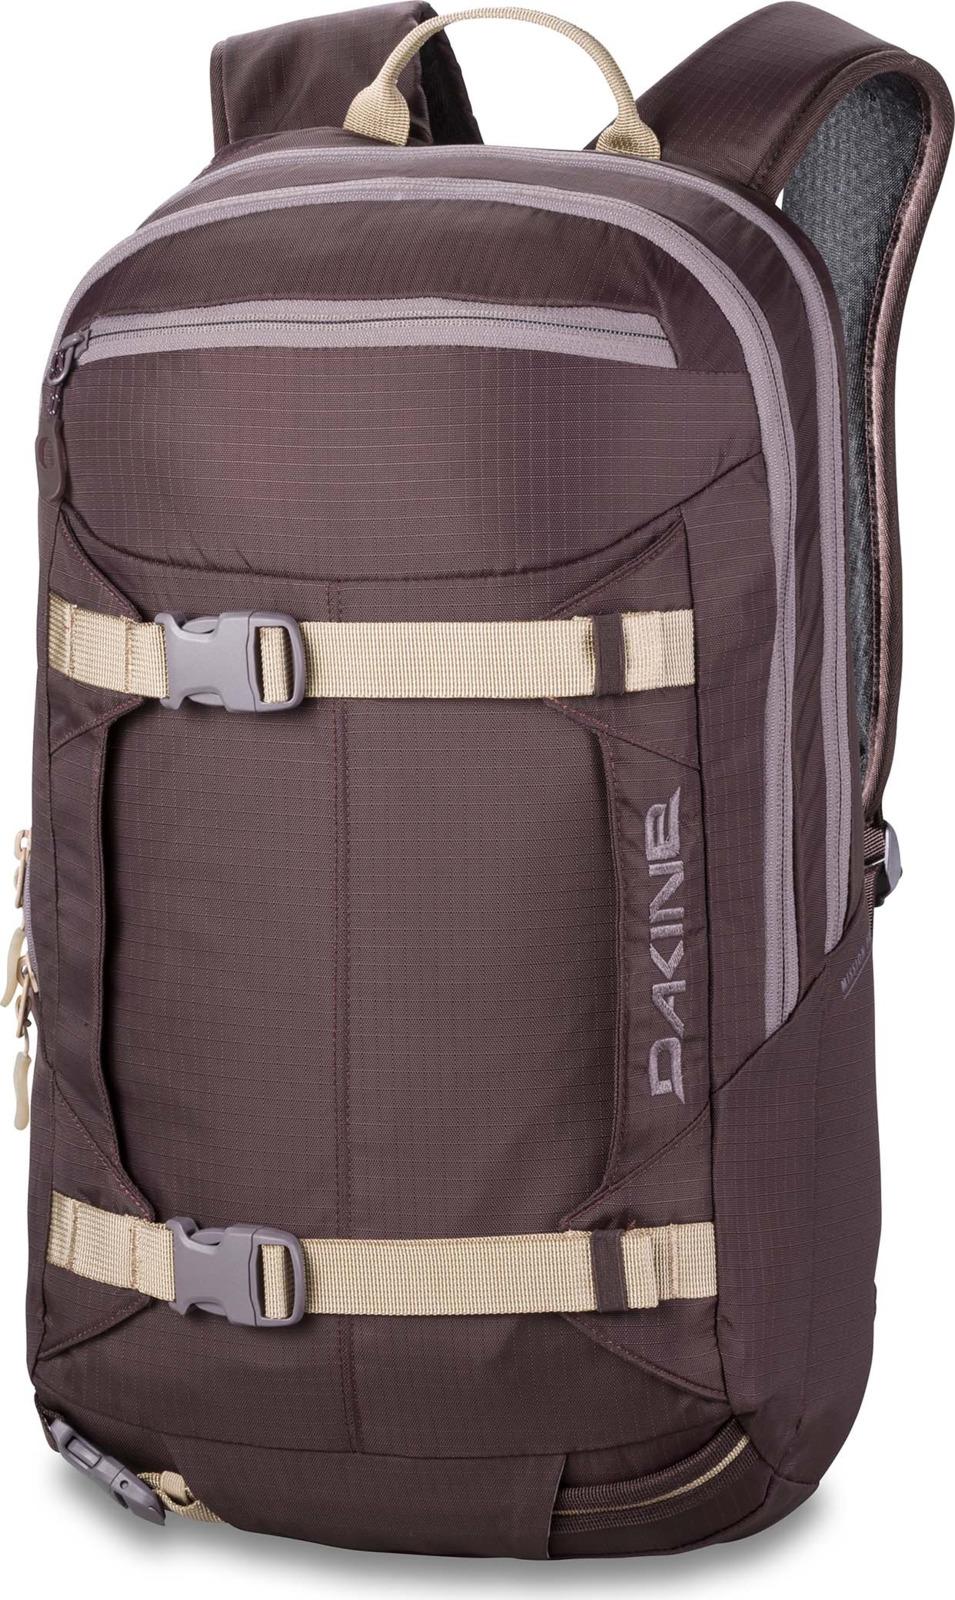 Рюкзак женский Dakine Women's Mission Pro, цвет: фиолетовый, 18 л